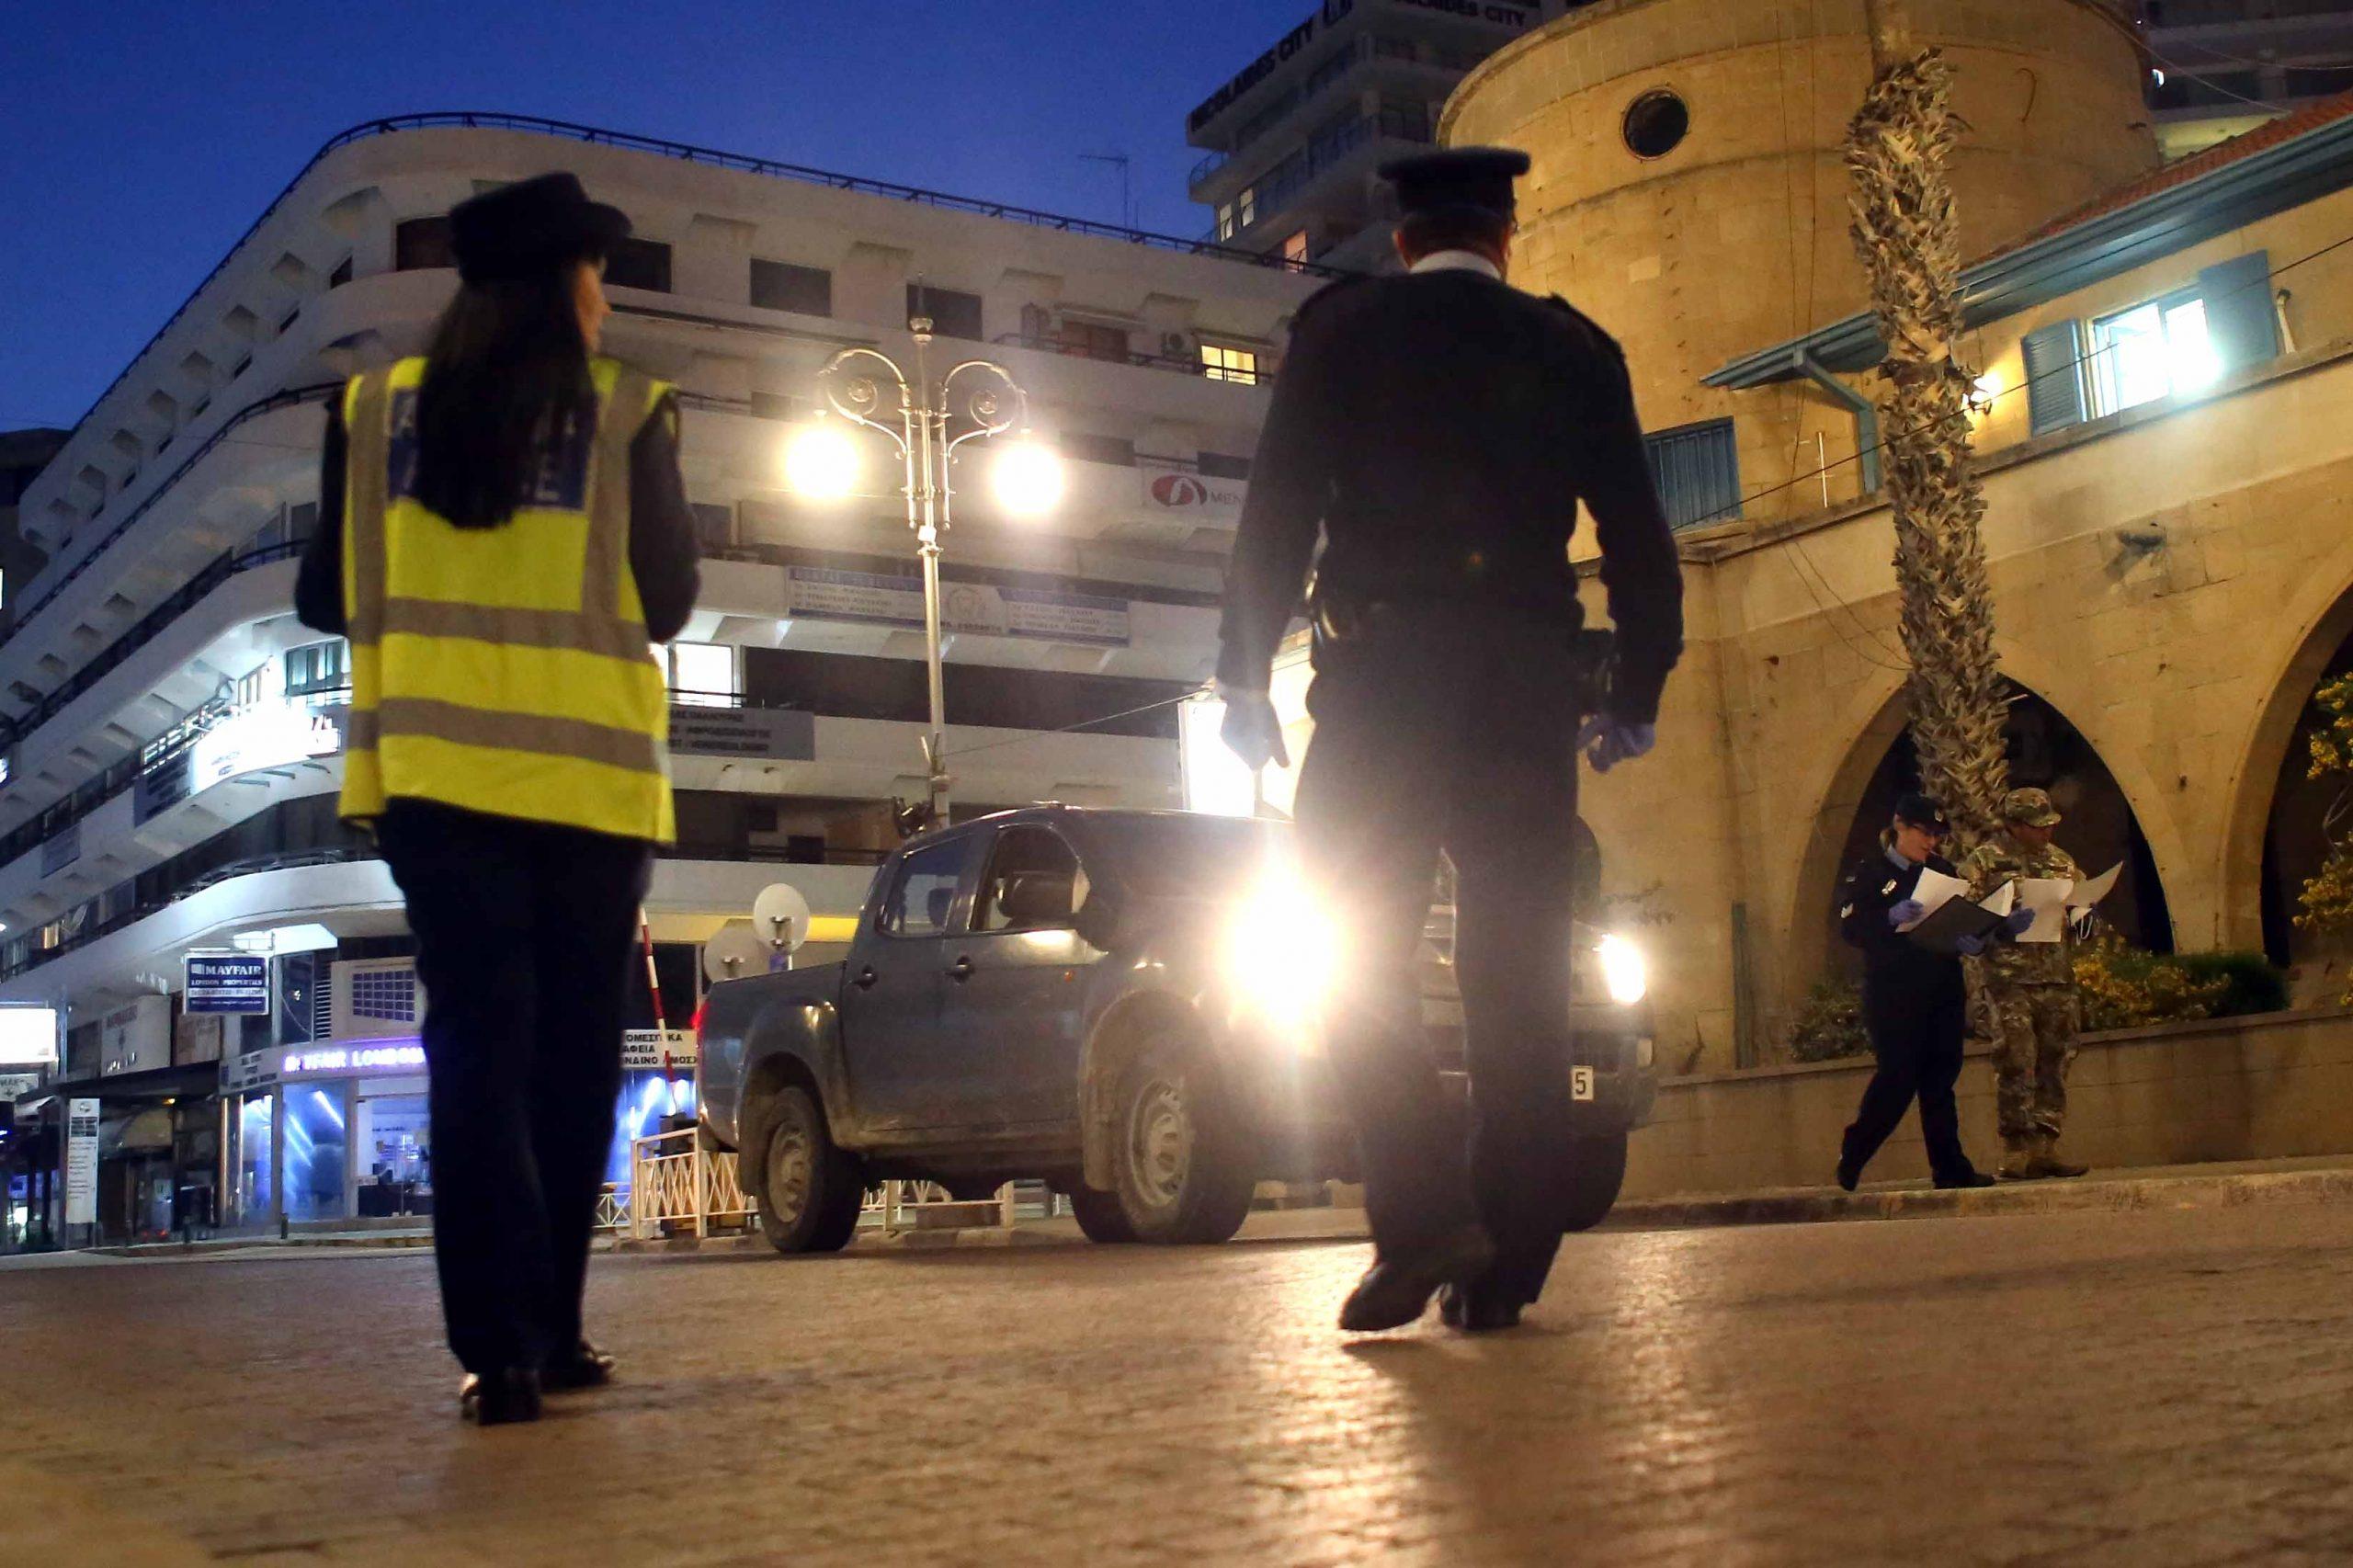 Σε 33 καταγγελίες πολιτών για παραβίαση μέτρων κατά Covid προχώρησε η Αστυνομία